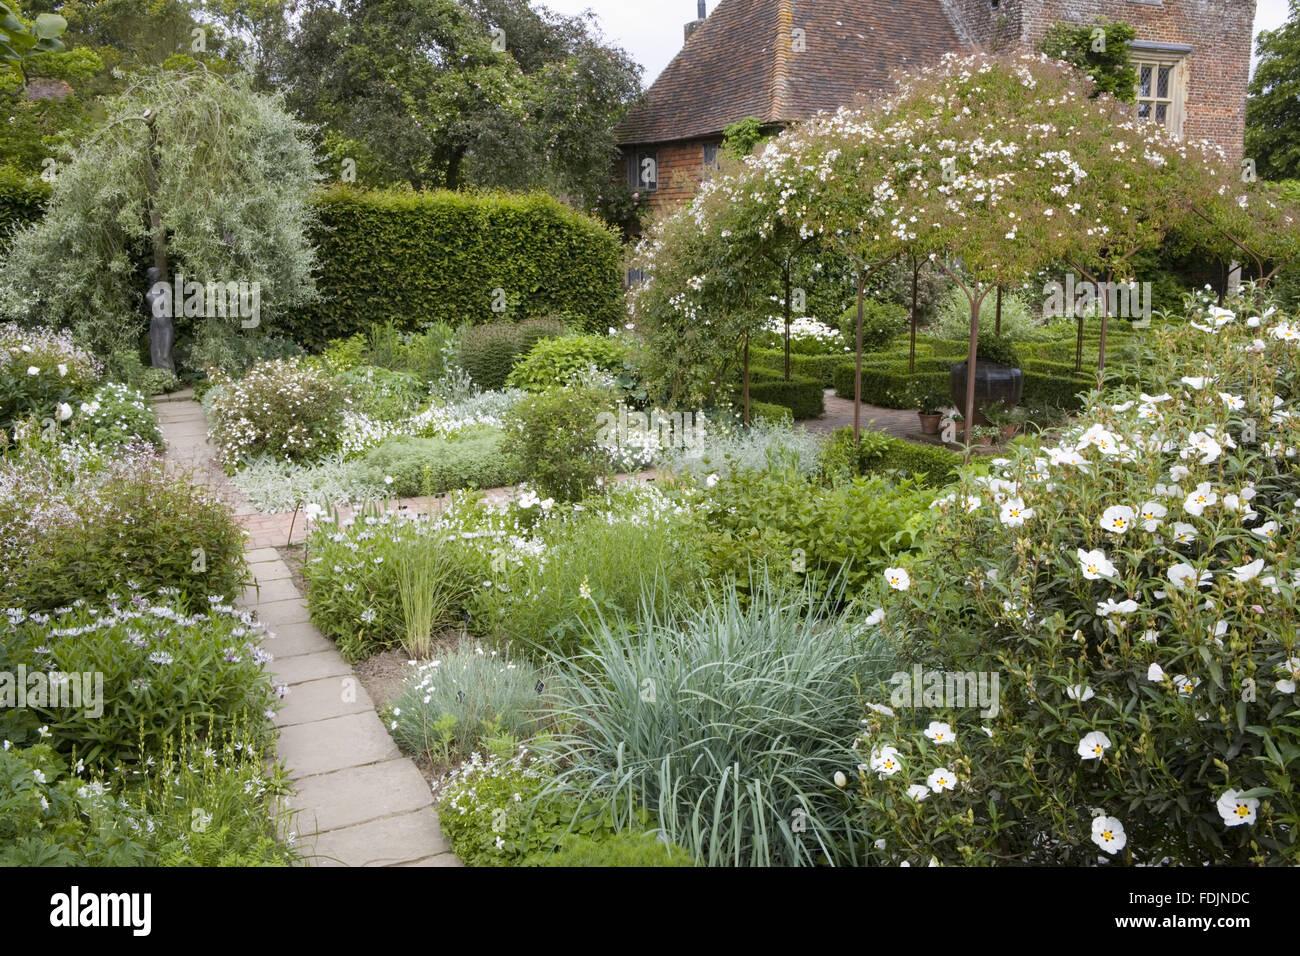 Weißer Garten der weiße garten im juni auf sissinghurst castle garden in der nähe